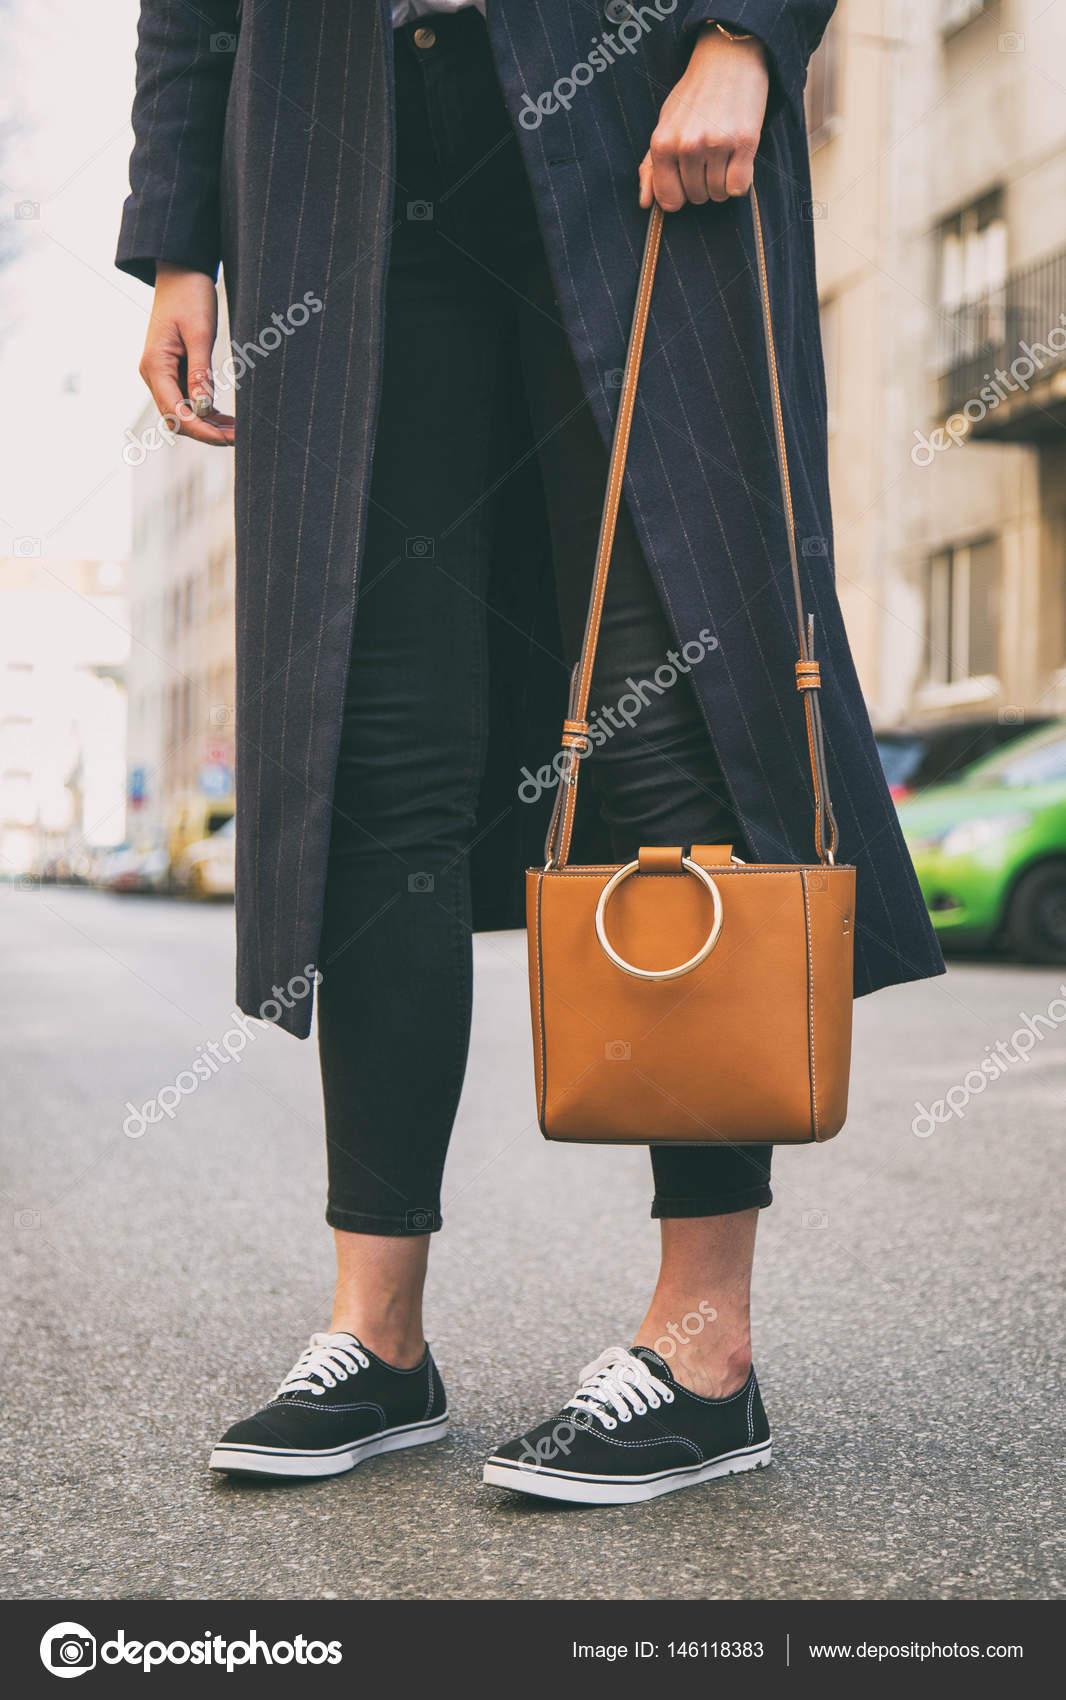 a53145edc detalhes de roupa moda blogger. mulher elegante vestindo um casaco azul de  grandes dimensões, calça jeans preta, tênis pretos uma bolsa marrom na  moda. ...